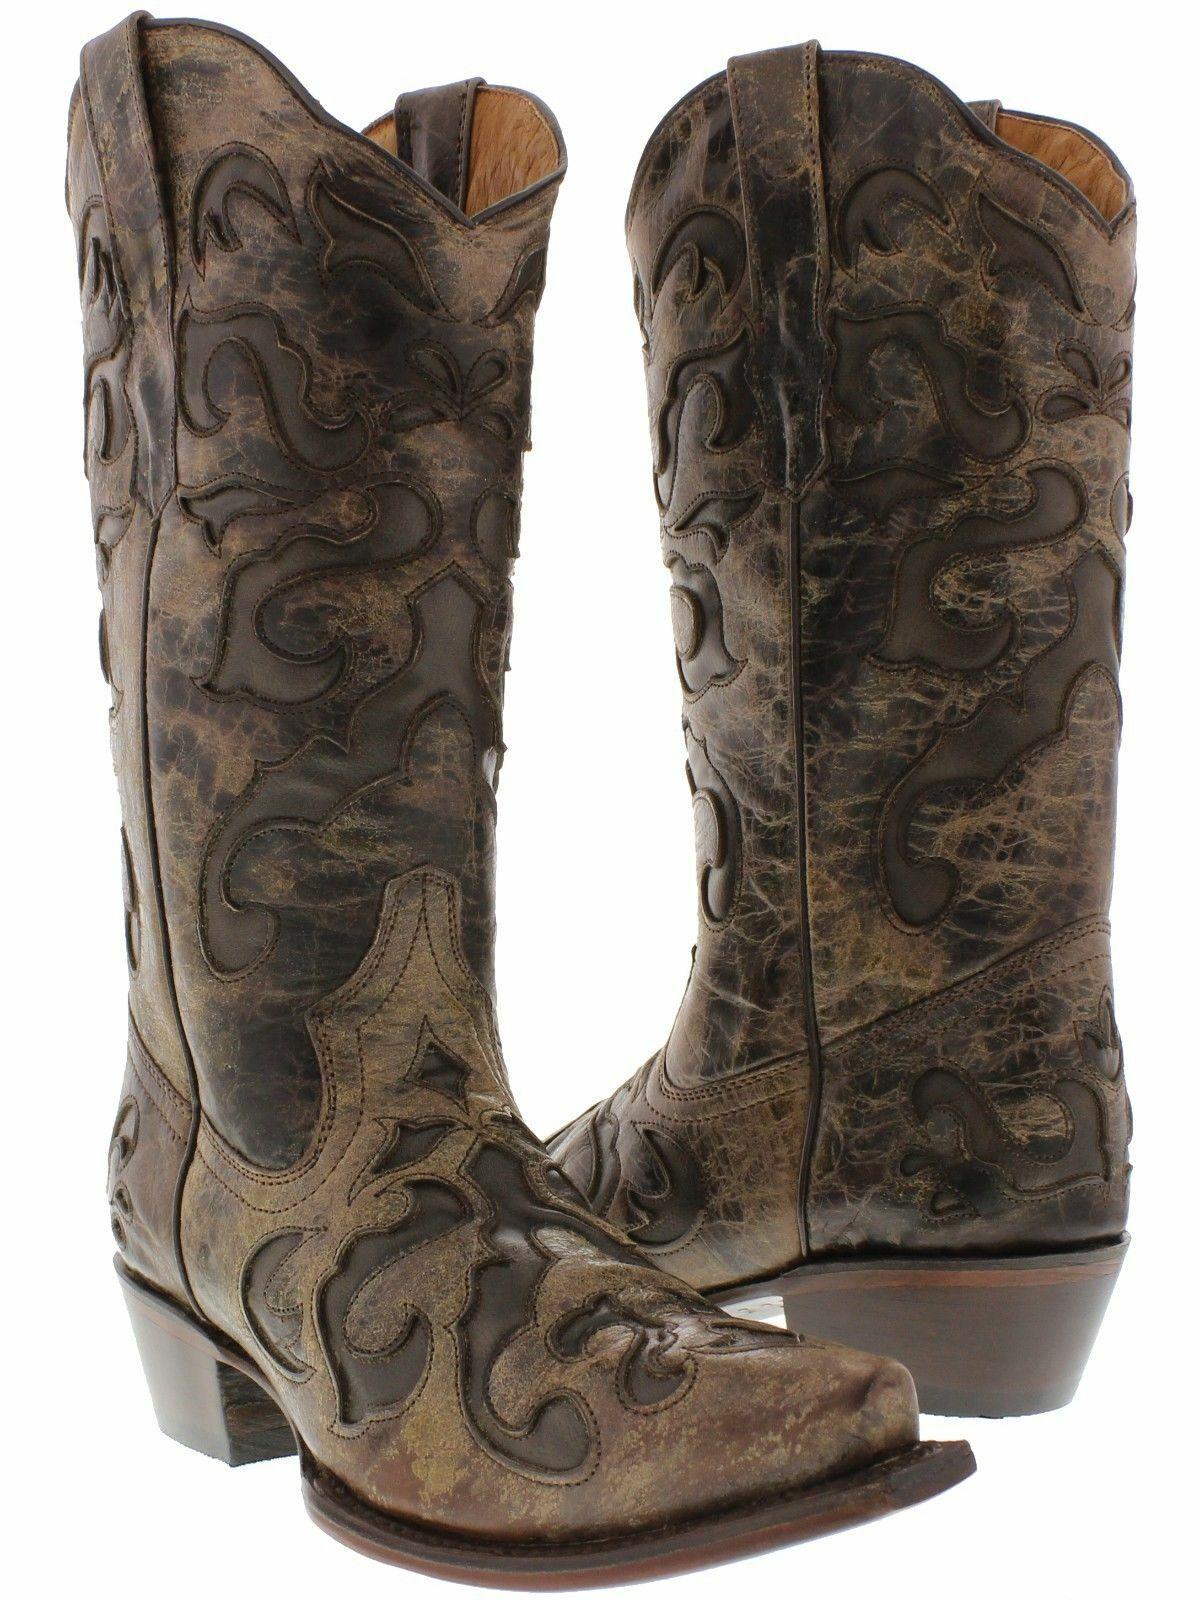 prezzo basso donna Marrone Overlay Cowgirl stivali Distressed Leather Leather Leather Western Wear Snip Toe  spedizione gratuita